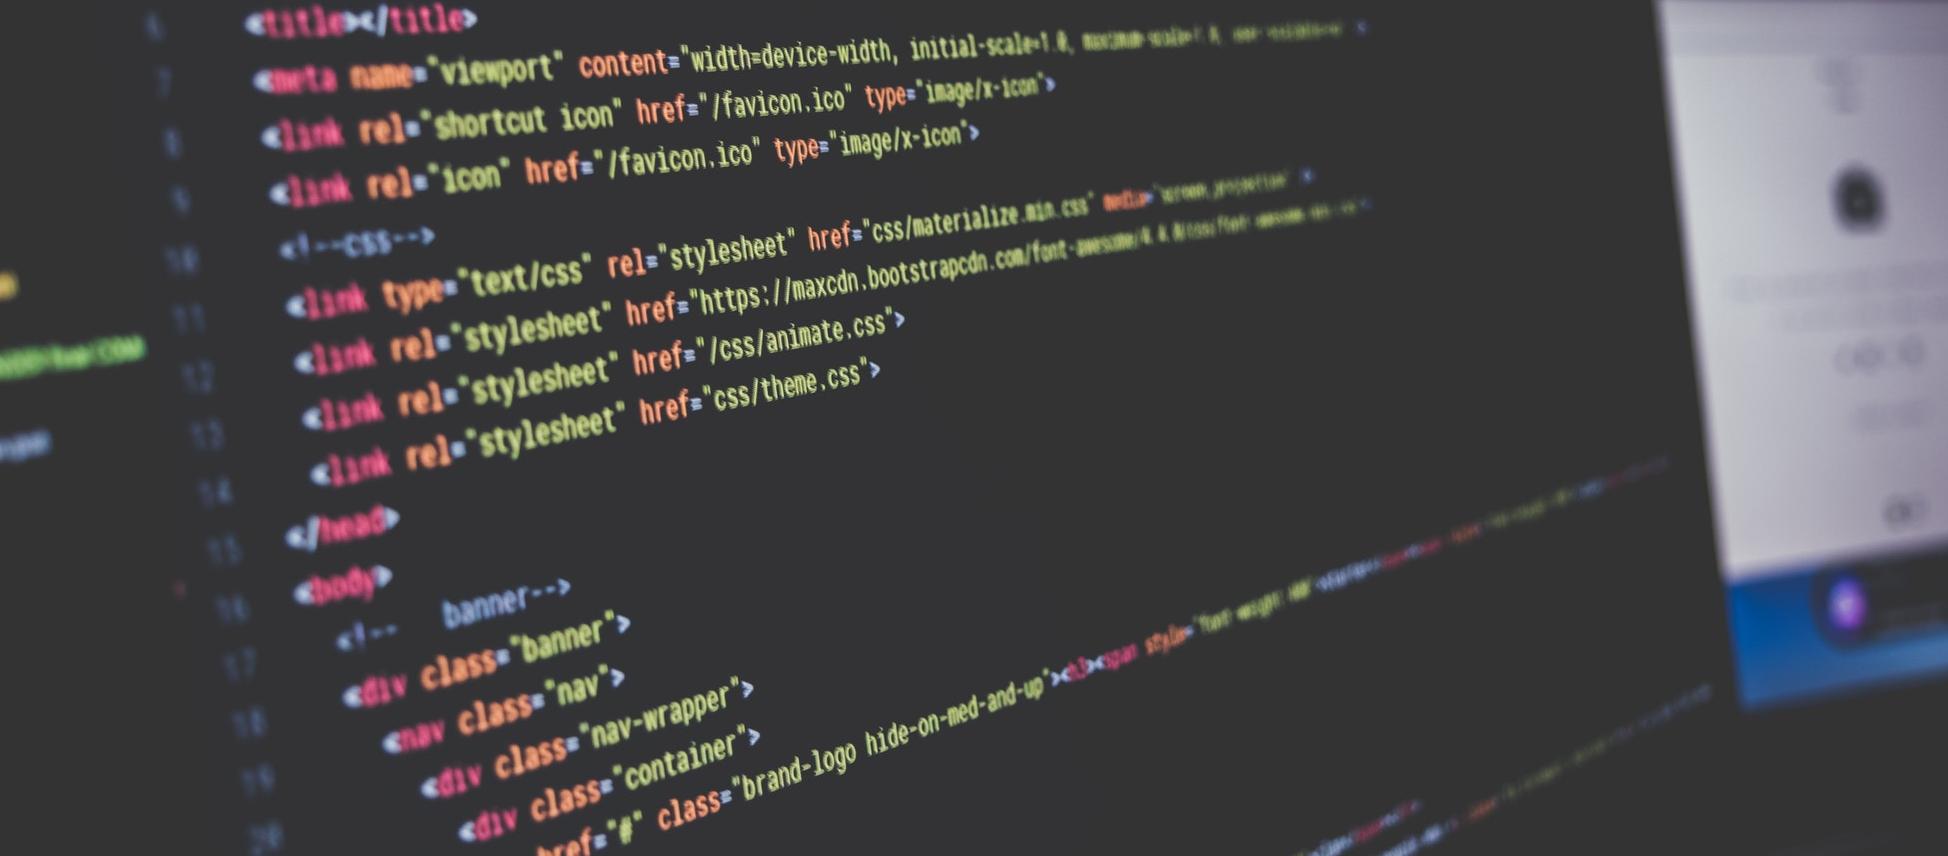 Informática, programación y avances tecnológicos del software y hardware.